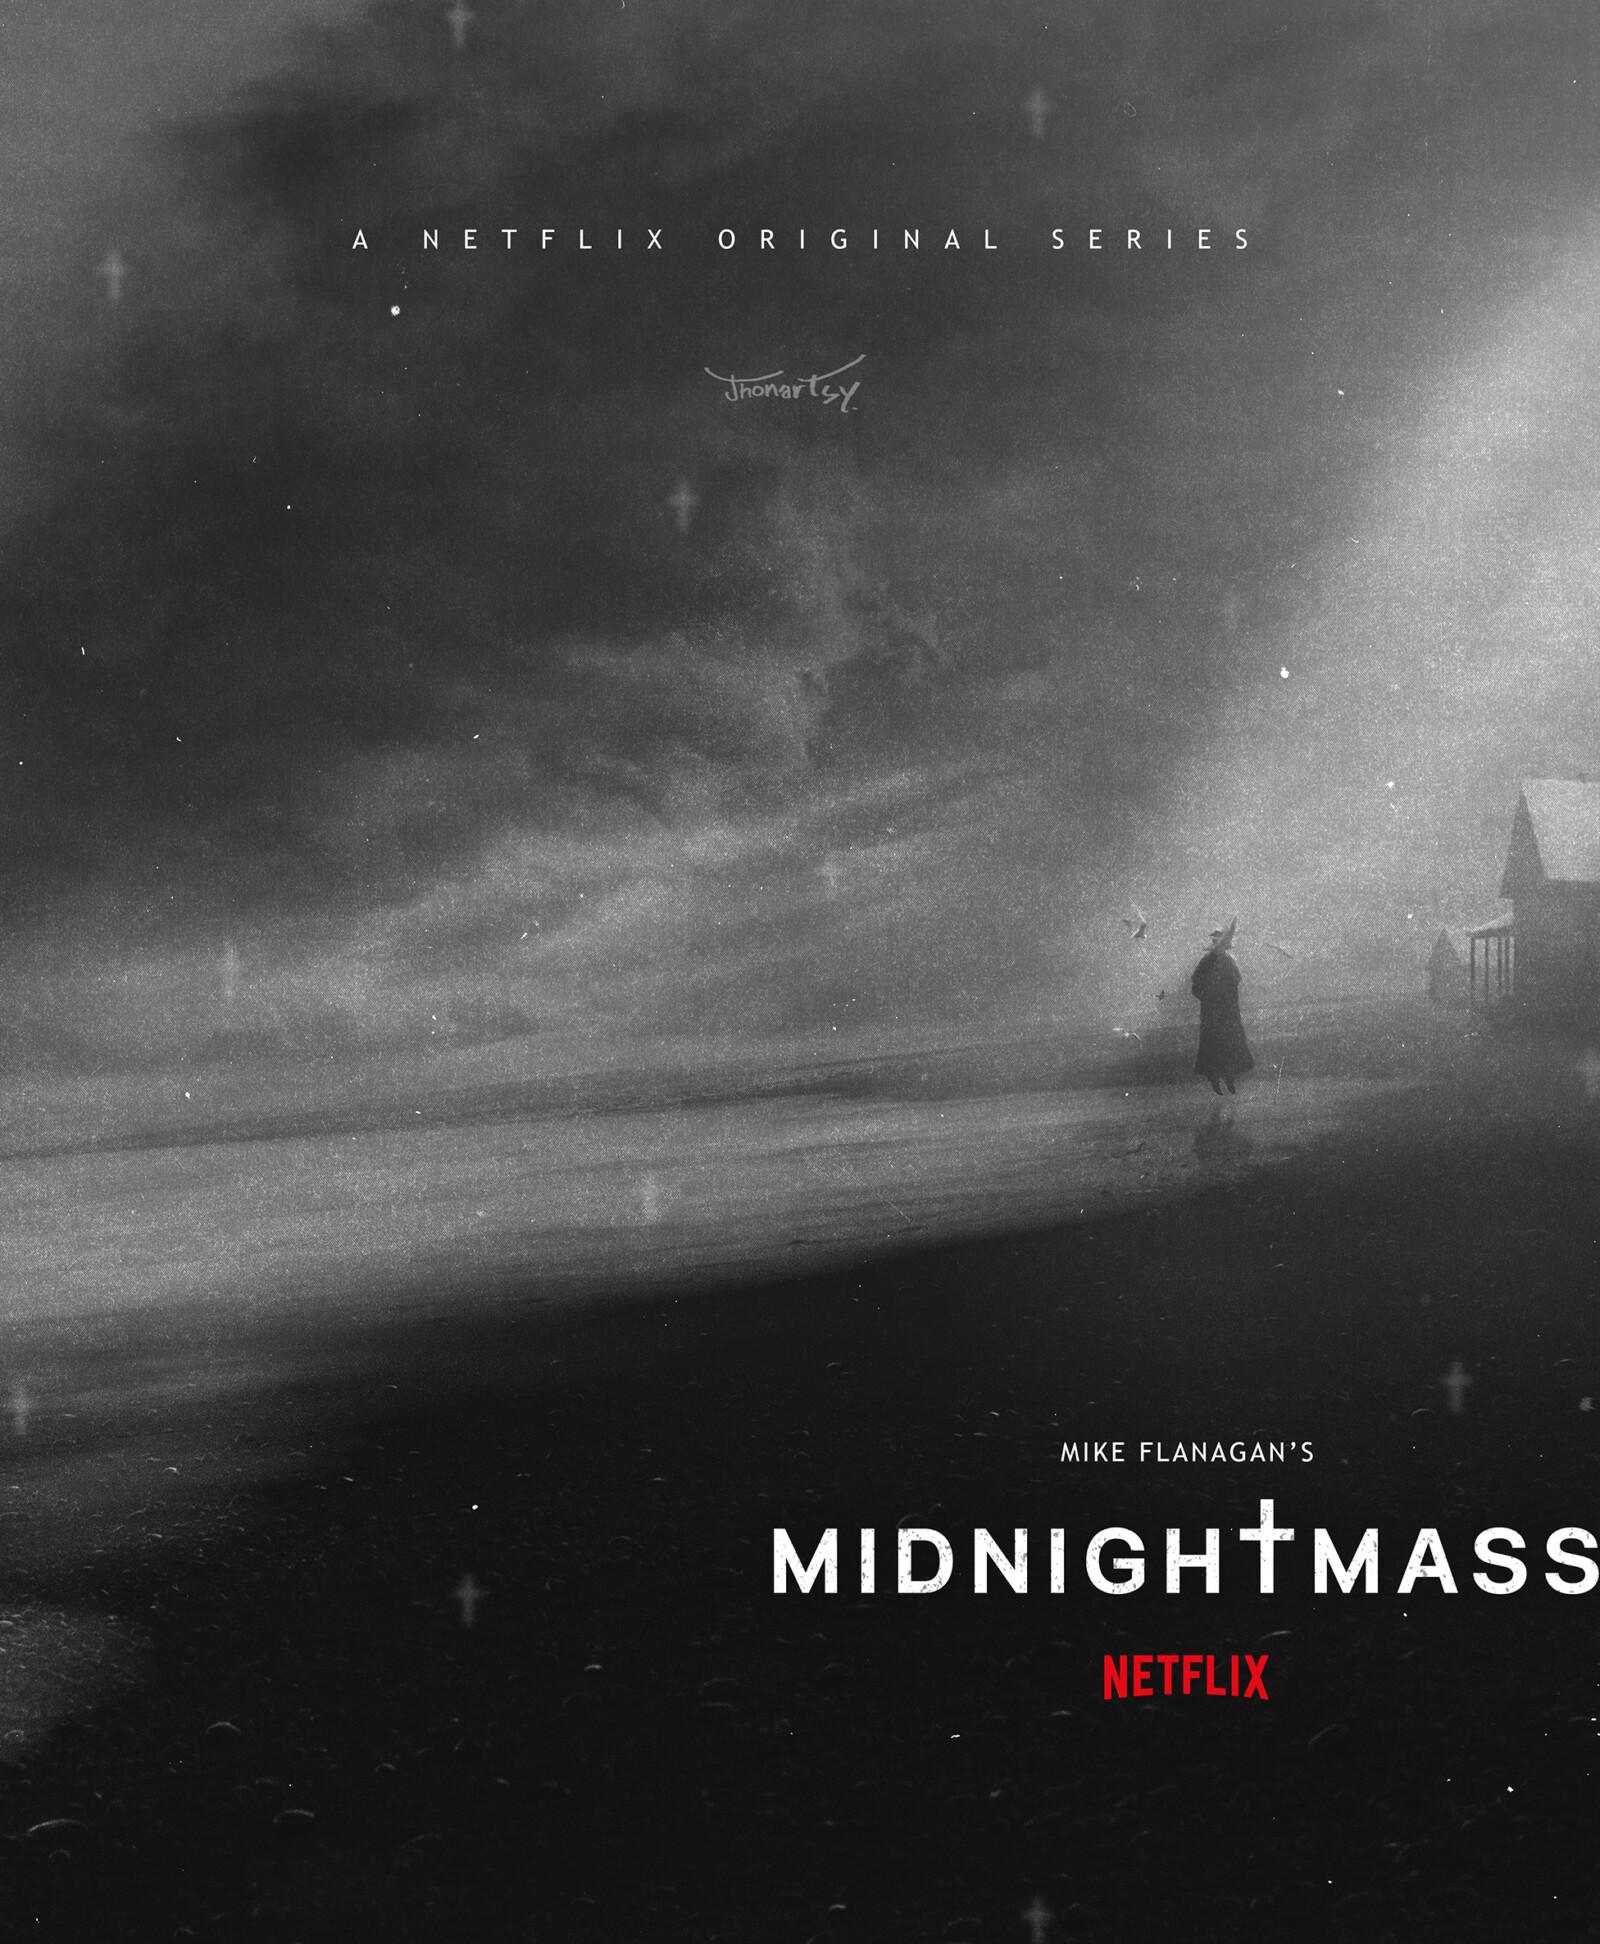 midnight mass official trailer